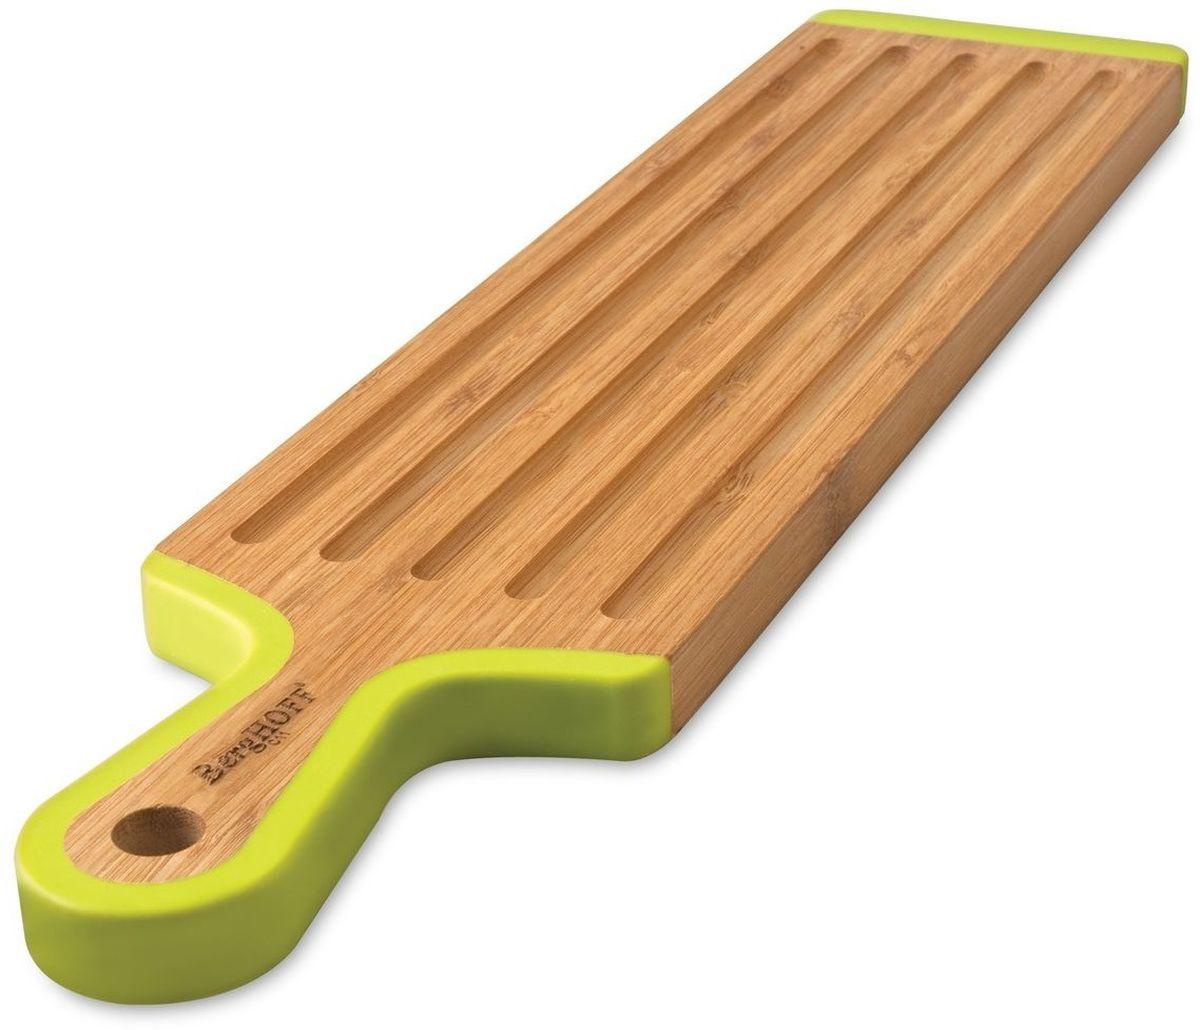 Доска разделочная BergHOFF Studio, бамбуковая, 43 х 10 х 1,5 см1101699Доска разделочная BergHOFF Studio изготовлена из бамбука. Бамбук обладает природными антибактериальными свойствами. Доска отличается долговечностью, большой прочностью и высокой плотностью, легко моется, не впитывает запахи и обладает водоотталкивающими свойствами, при длительном использовании не деформируется. С двух сторон изделие оснащено силиконовыми вставками. На одной из вставок имеется отверстие для подвешивания в удобном для вас месте.Доска разделочная BergHOFF Studio отлично подойдет для приготовления и сервировки пищи. Не рекомендуется мыть в посудомоечной машине.